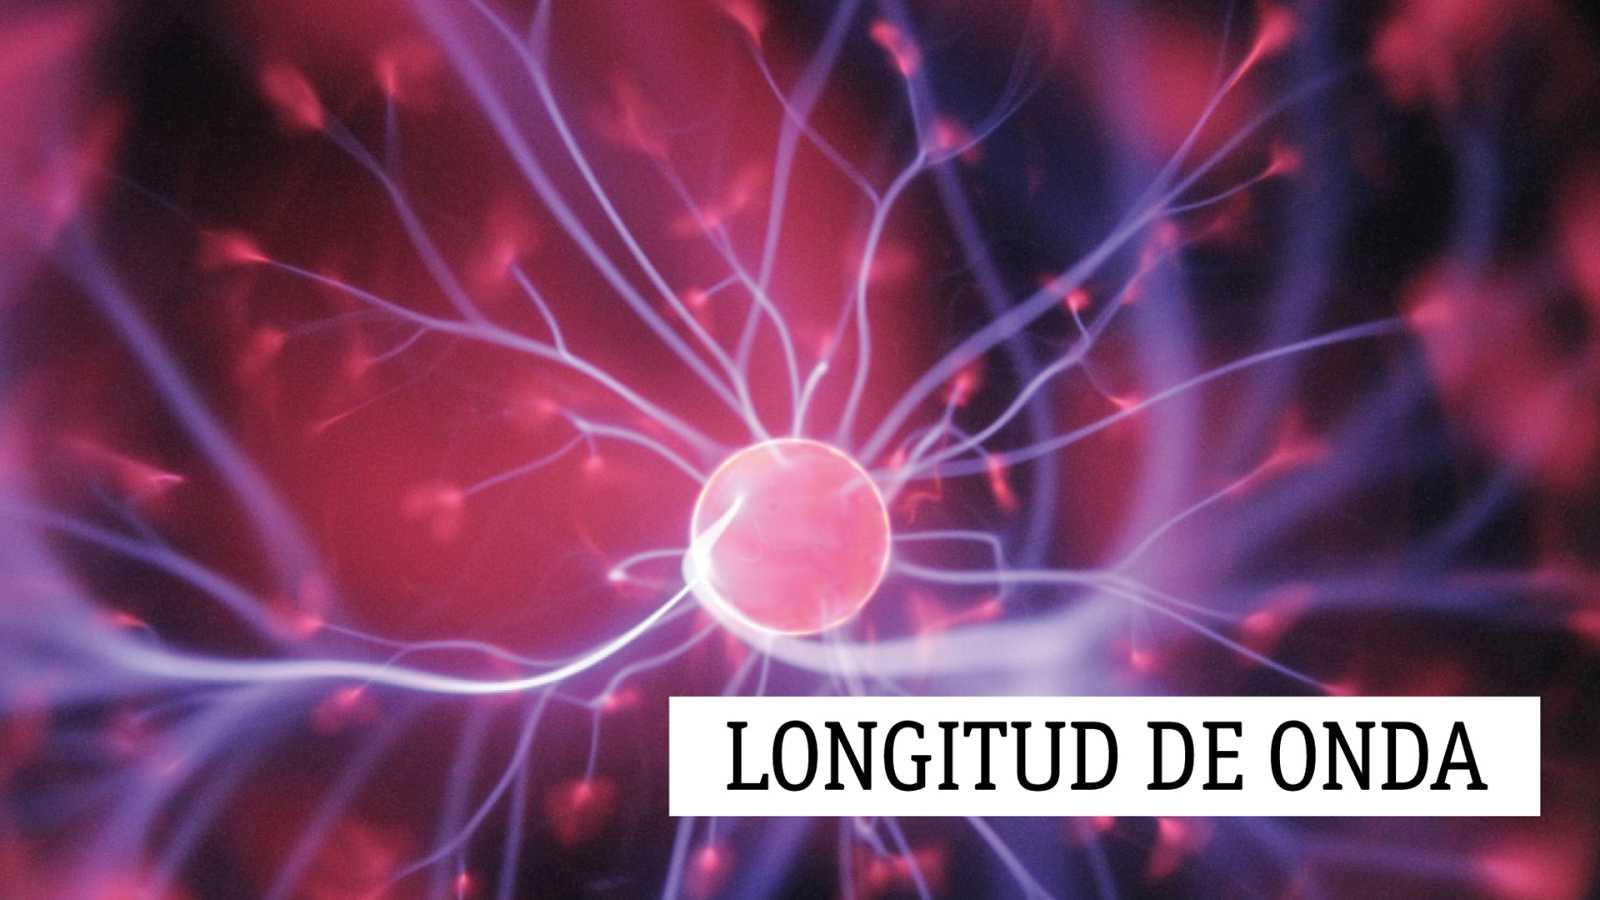 Longitud de onda - A diferente música, diferente reacción cerebral - 11/05/21 - escuchar ahora